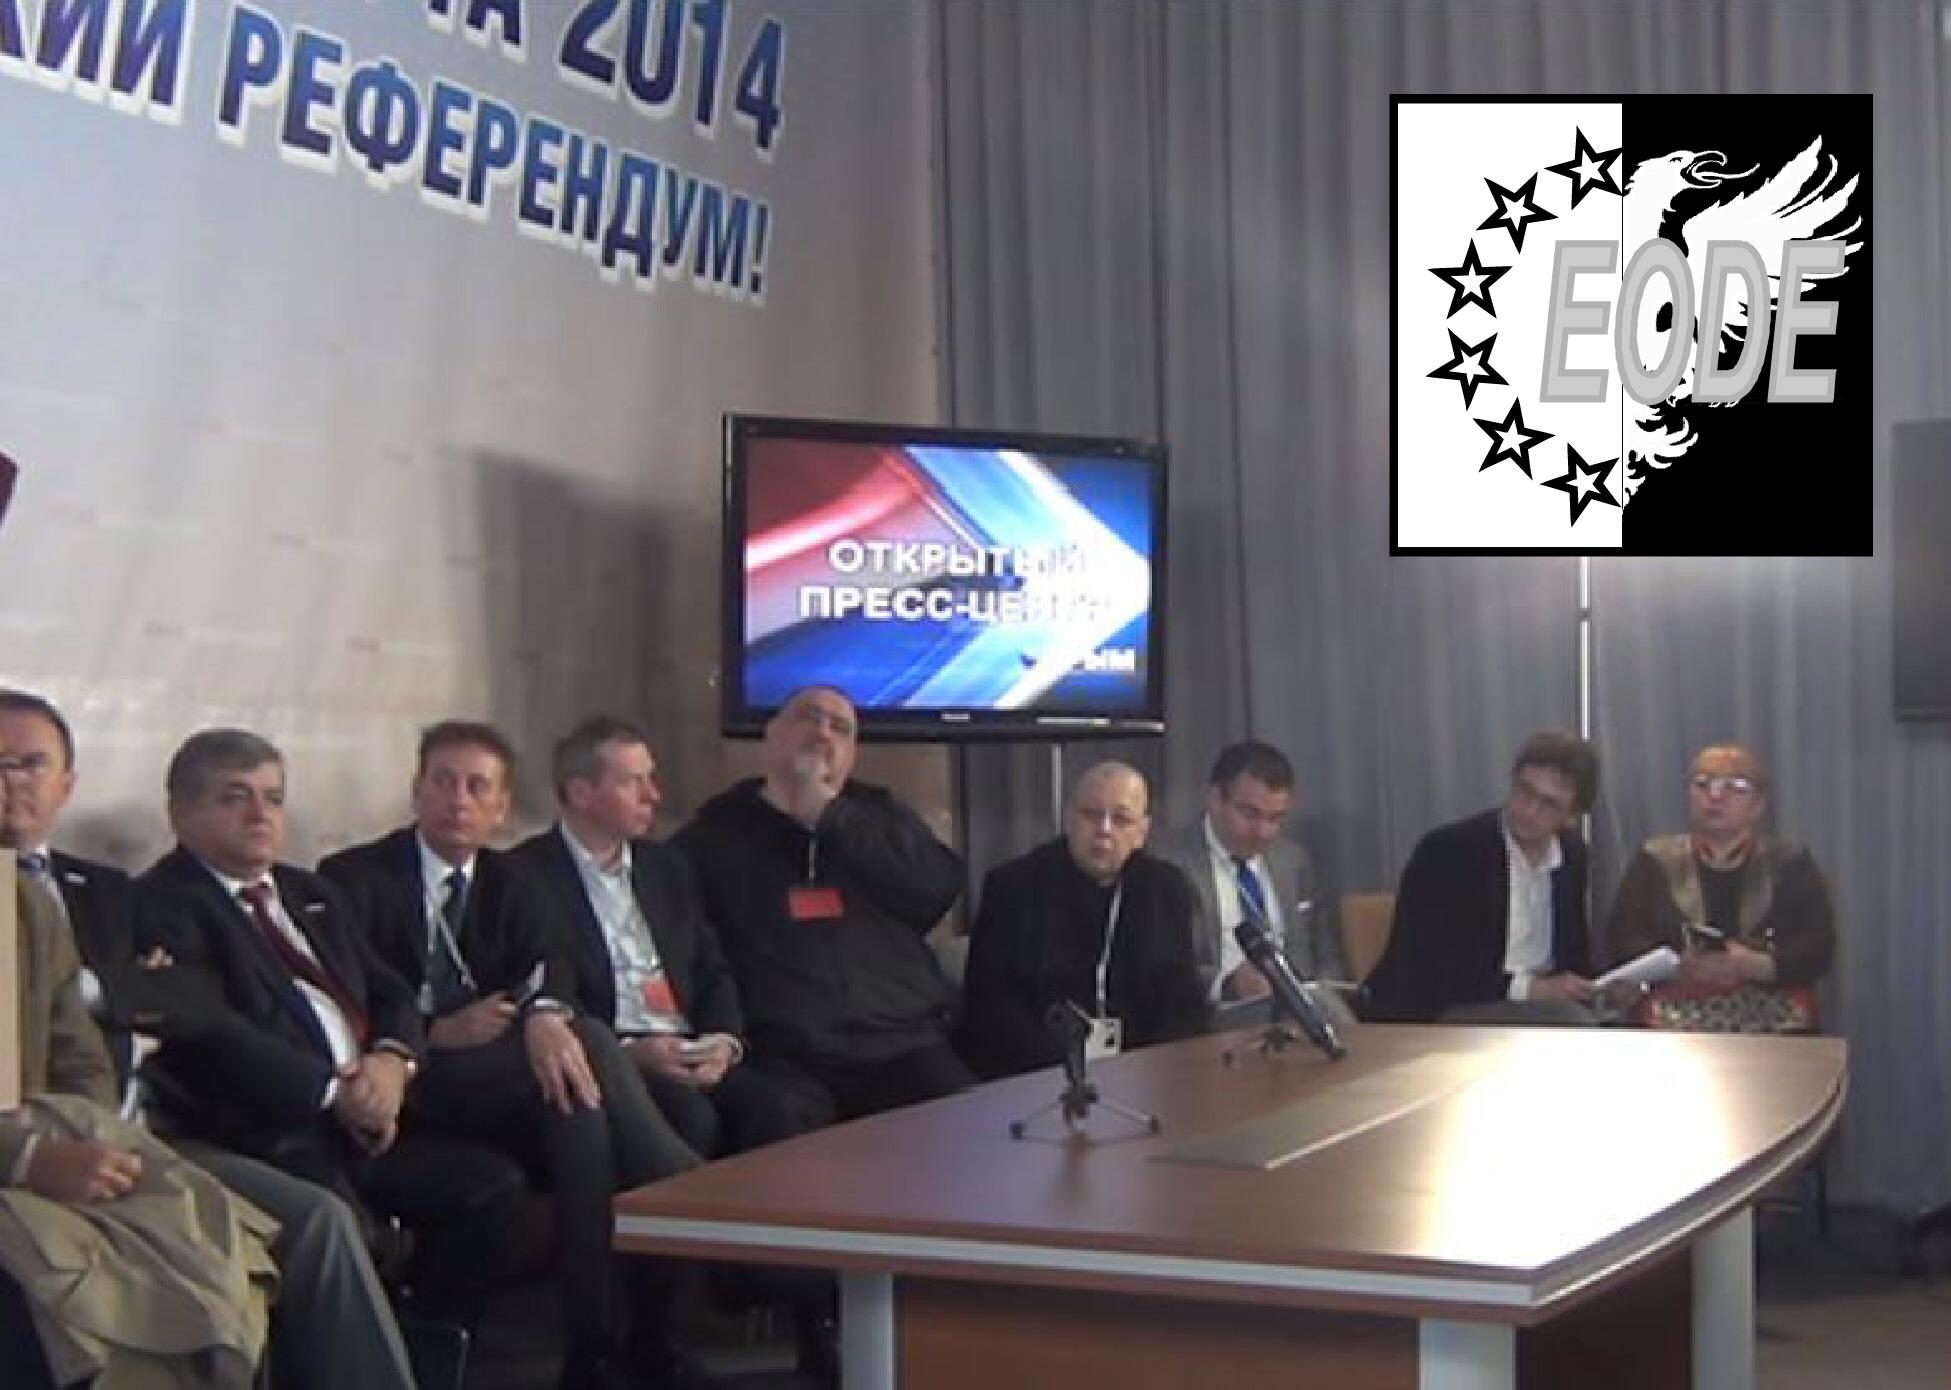 EODE-Mission-en-Crime-RAPPORT-2014-03-17-ENGL-b